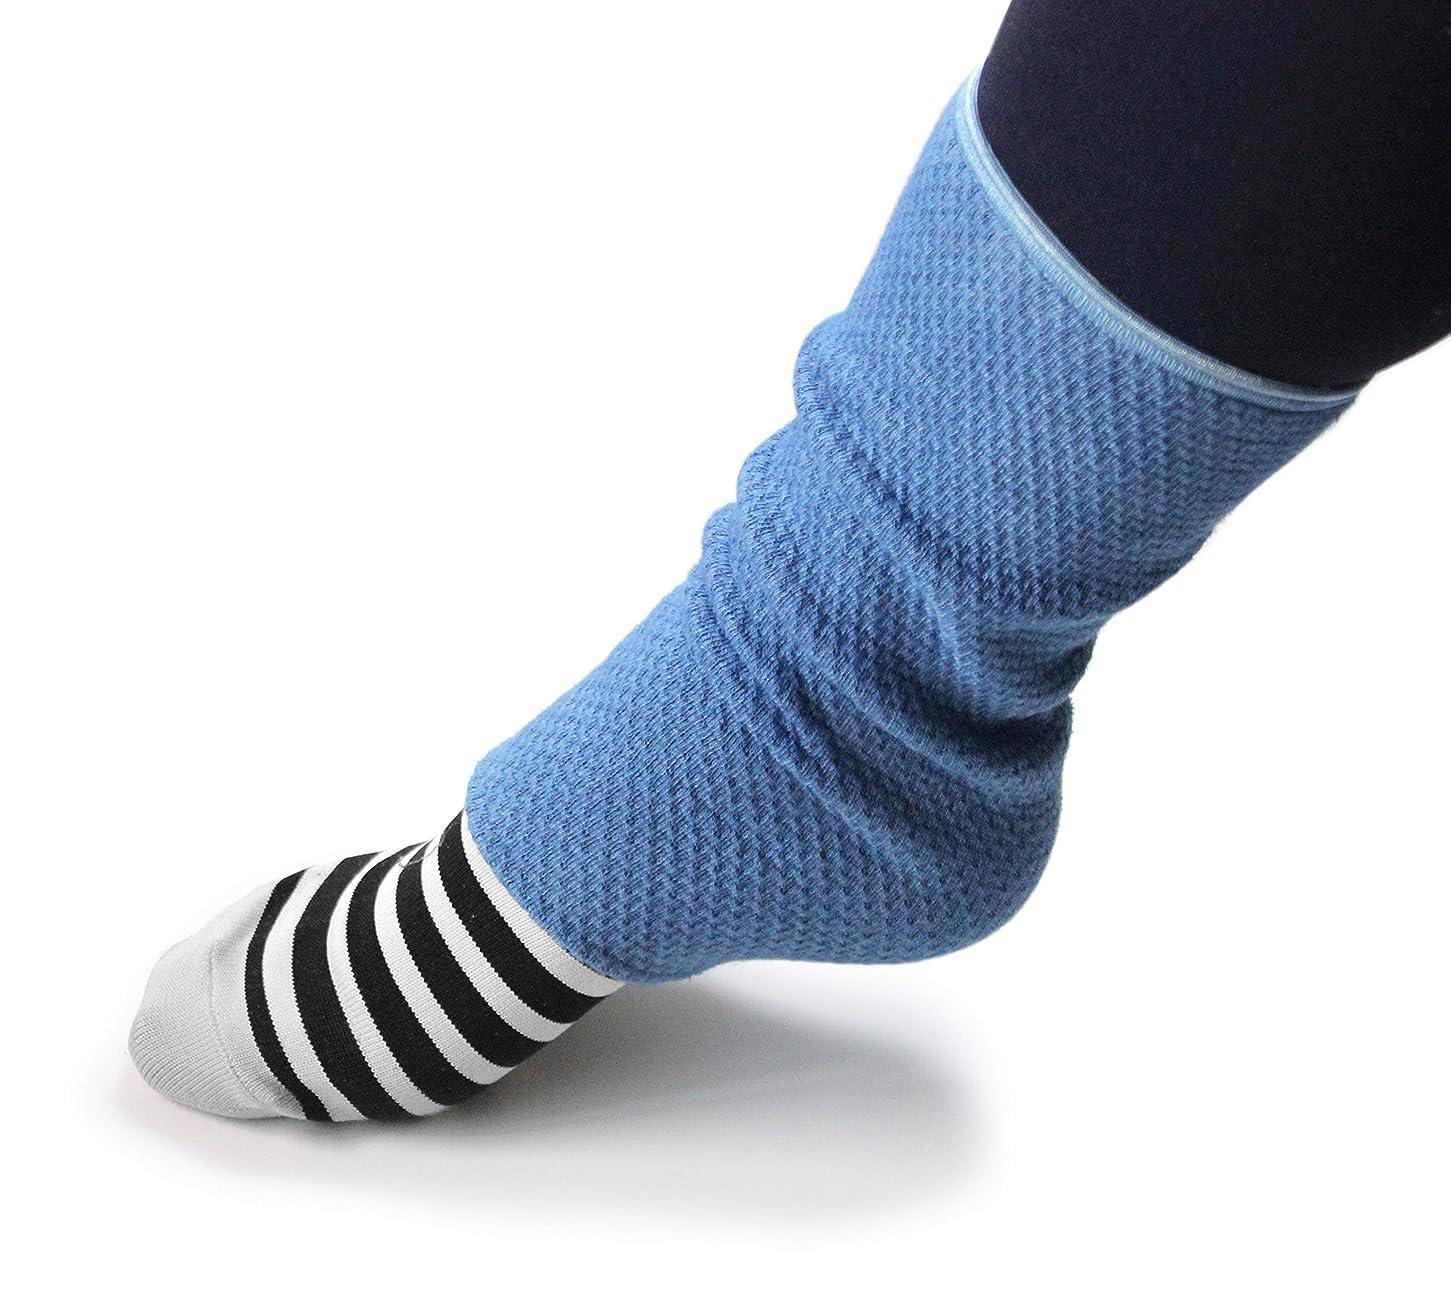 変な走るサービス足首かかとウォーマー(ロング)藍染(あまべ藍)EMバイオ糸 ワッフル編 低速編み機使用生地 日本製 トータス